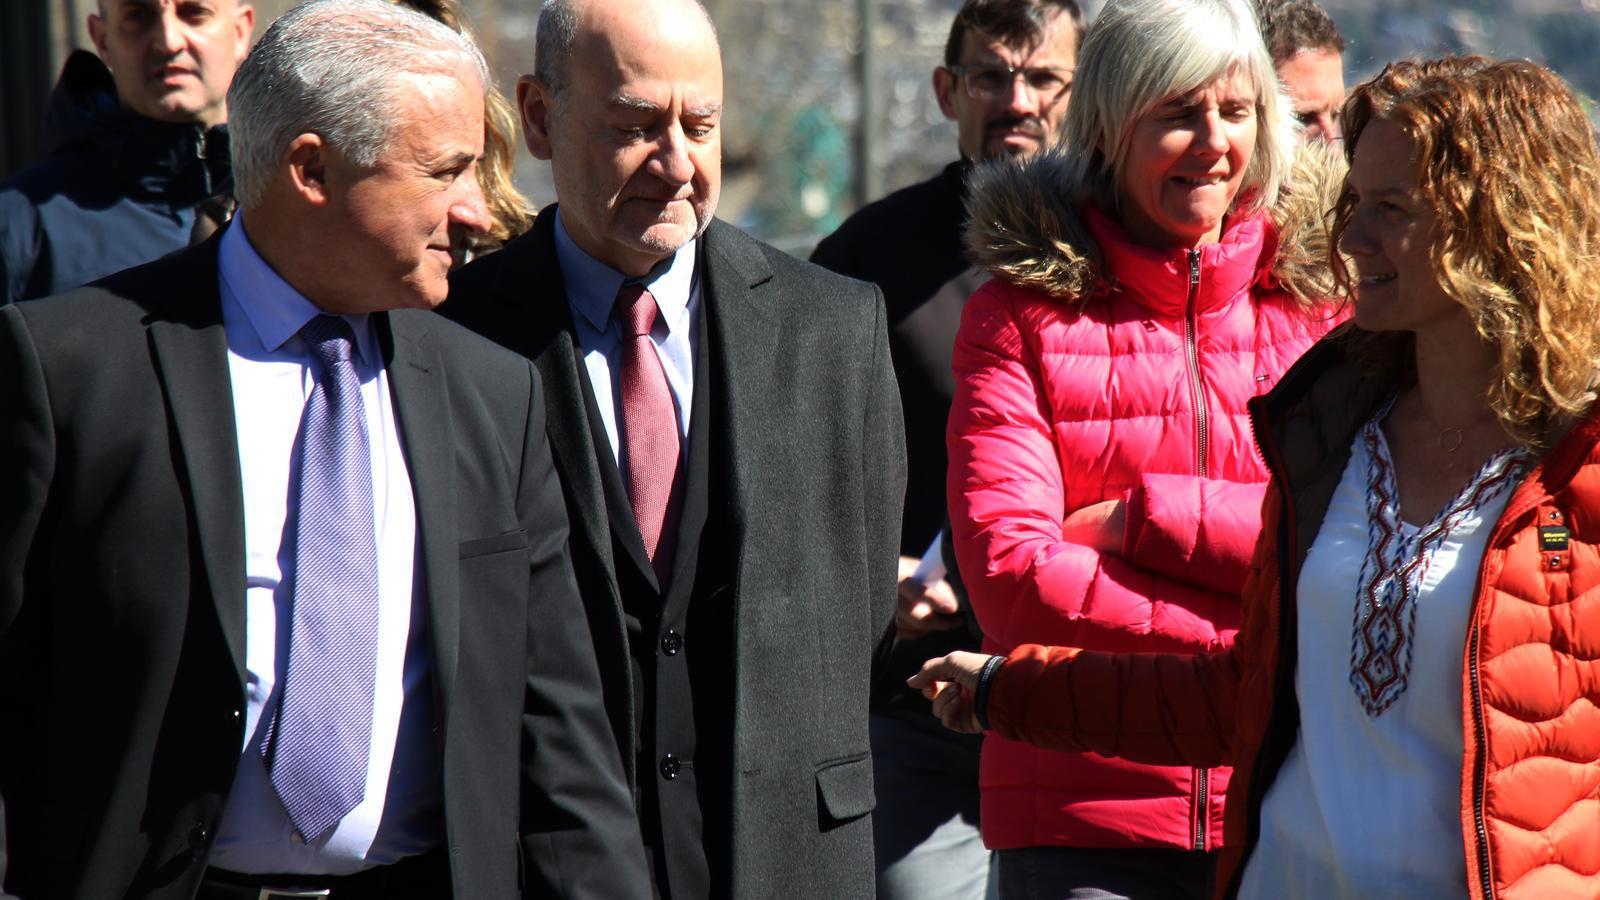 La ministra de Medi Ambient, Agricultura i Sostenibilitat en funcions, Sílvia Calvó, acompanyada pel president de la Federació de Caça i Pesca, Josep Maria Cabanes, i de Manel Riera, director d'Ordenament Territorial. / M. R. F.